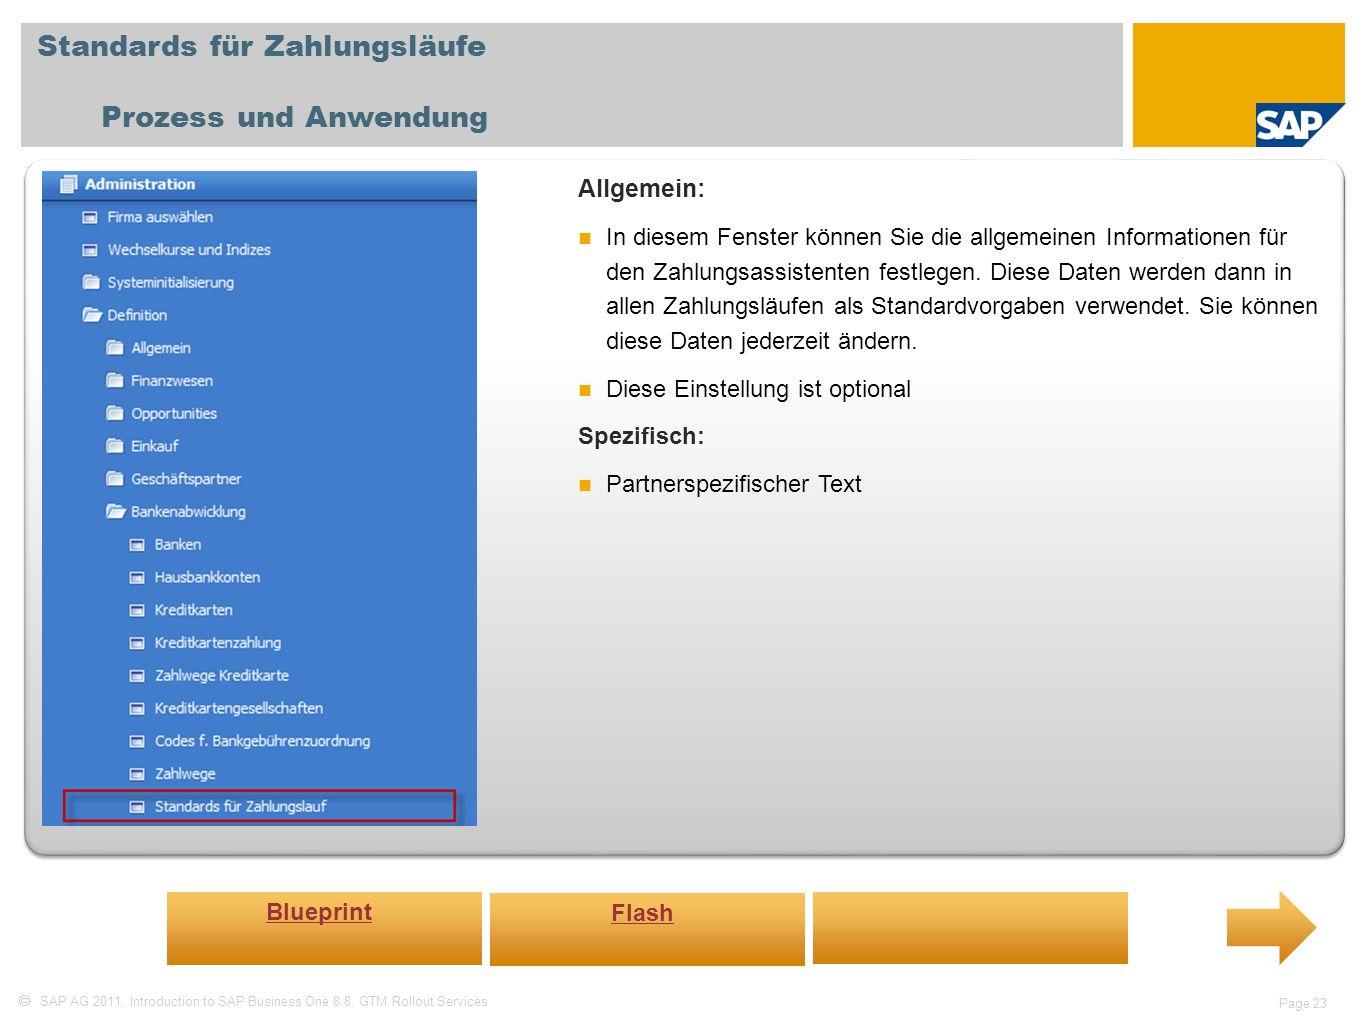 SAP AG 2011, Introduction to SAP Business One 8.8, GTM Rollout Services Page 23 Standards für Zahlungsläufe Prozess und Anwendung Allgemein: In diesem